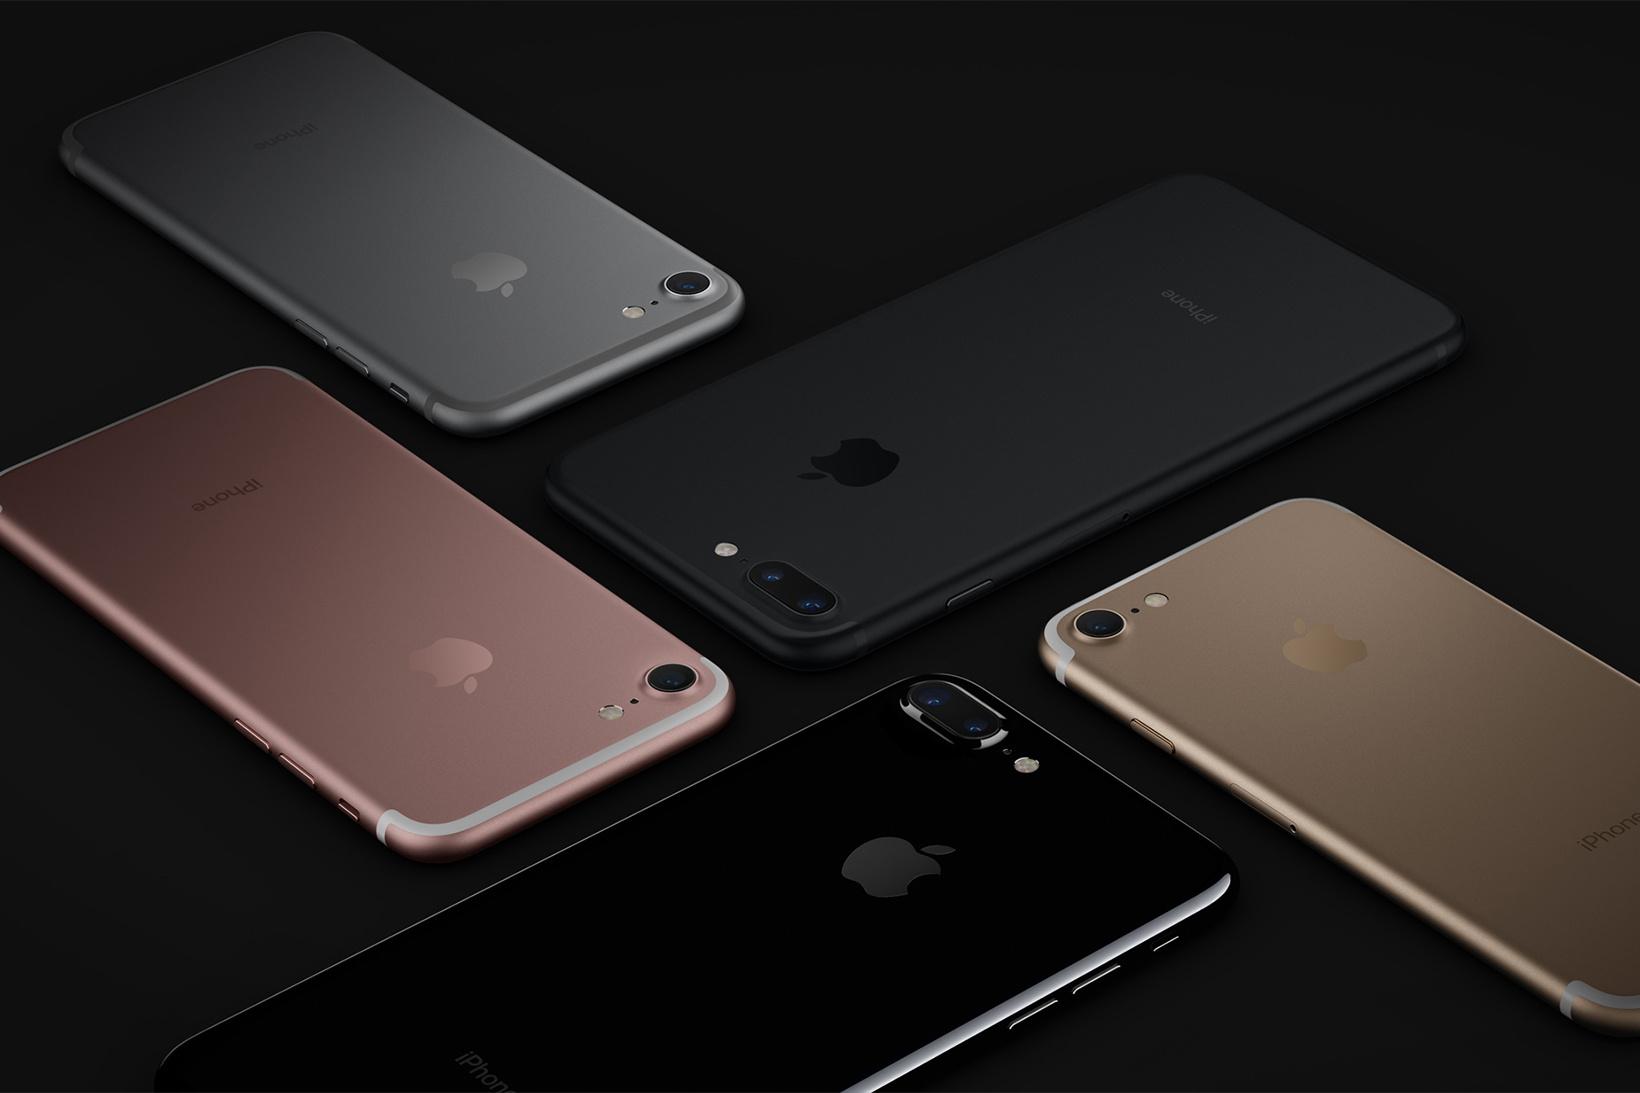 Ce qu'il faut retenir de l'Iphone 7